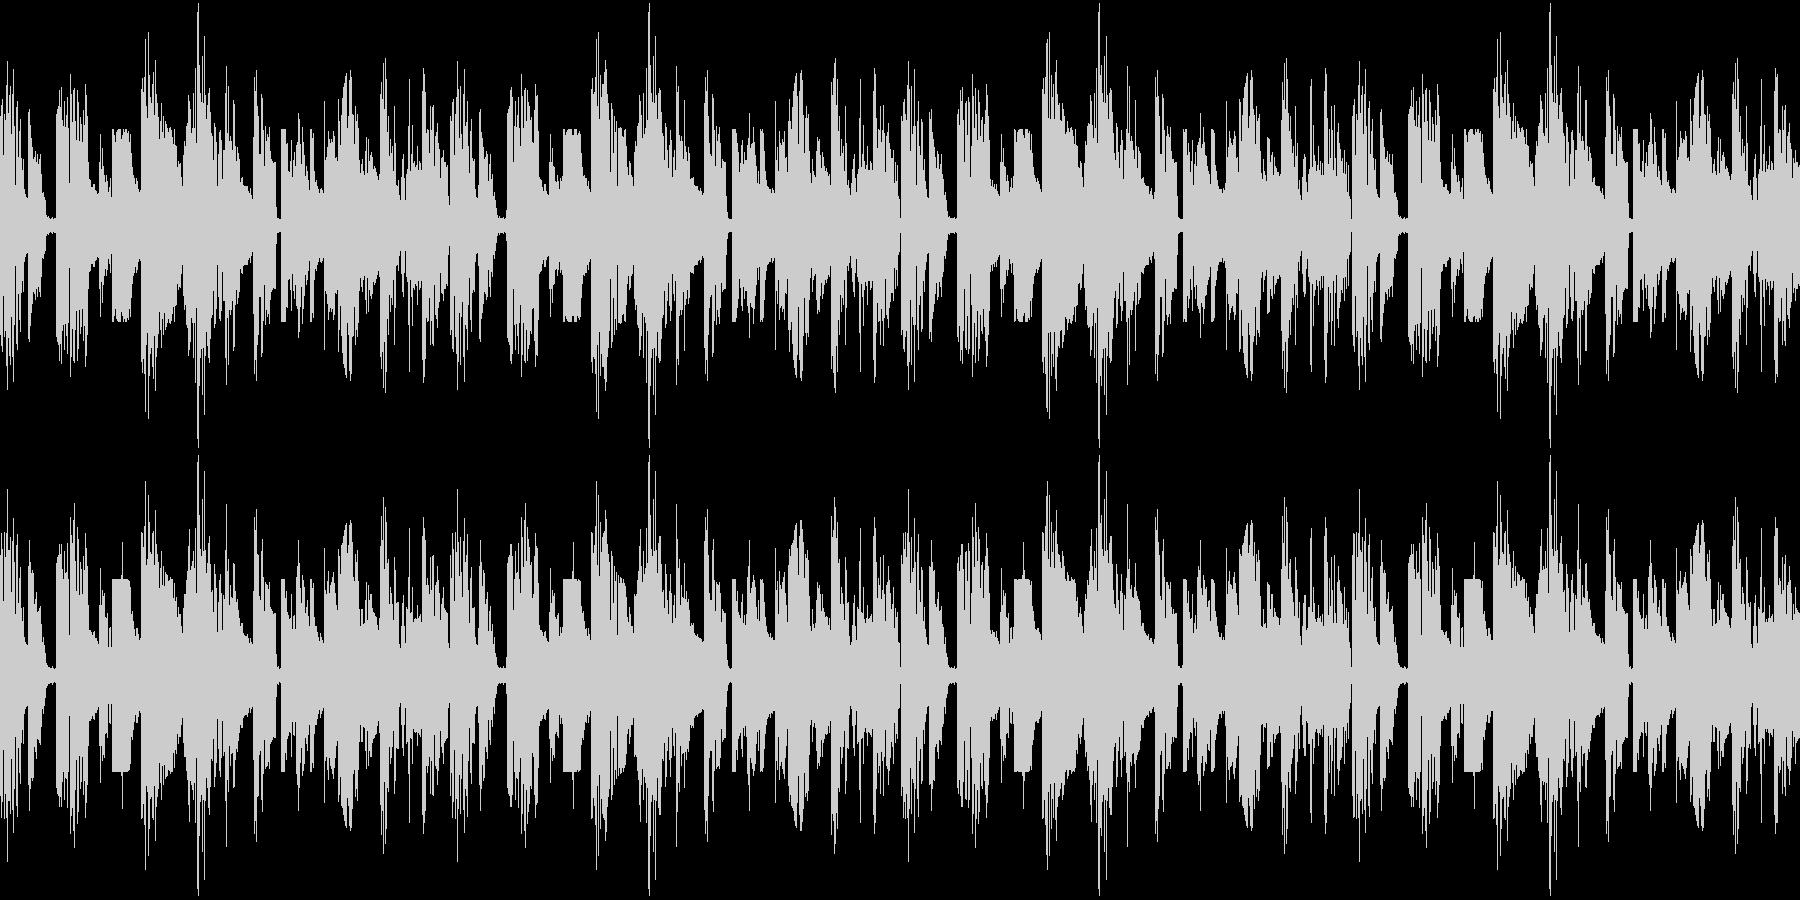 ブレイクビーツのようなエレクトロサウンドの未再生の波形